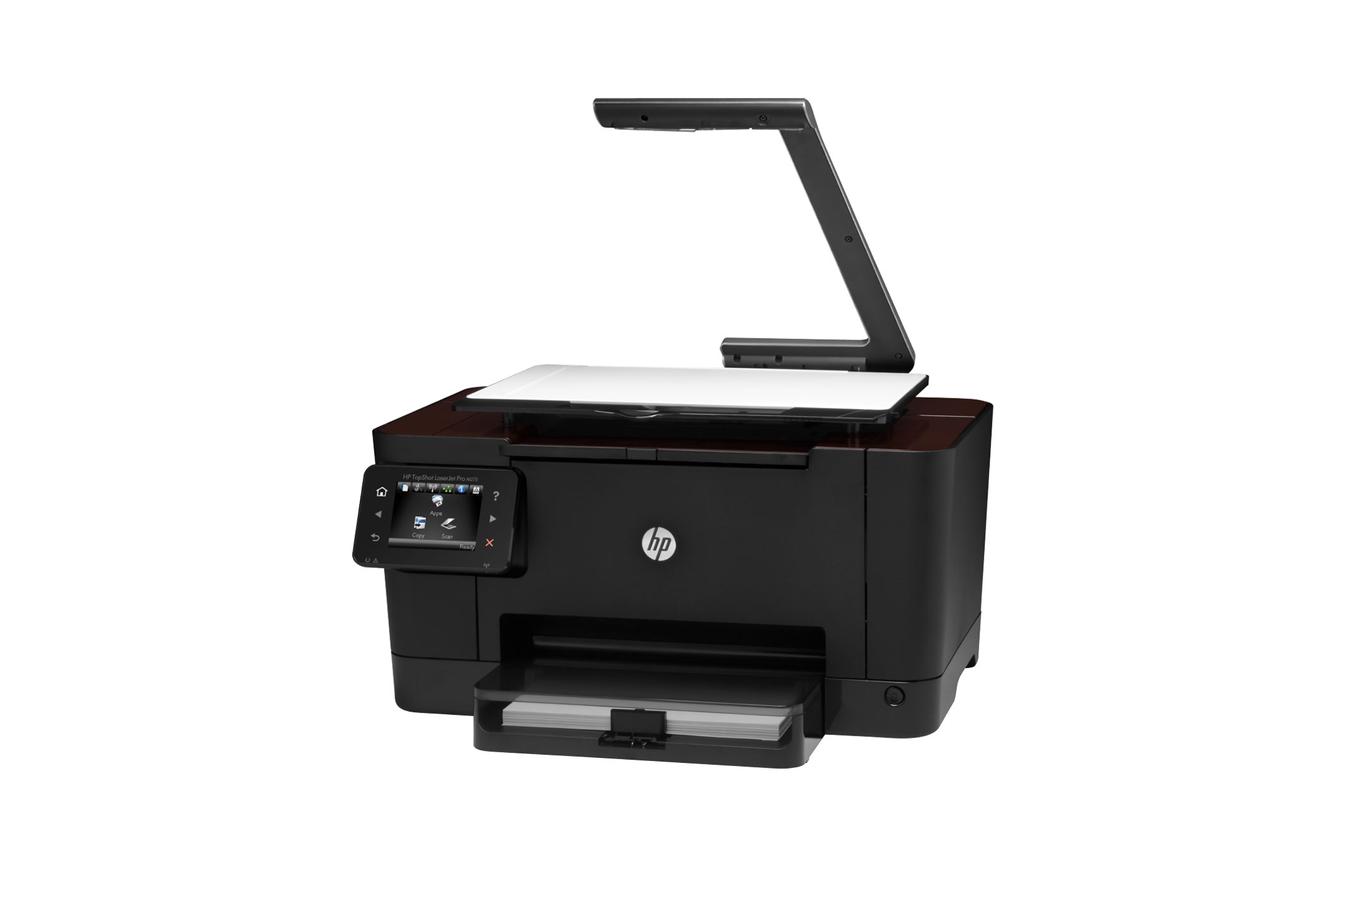 imprimante laser hp topshot laserjet lj pro m275. Black Bedroom Furniture Sets. Home Design Ideas